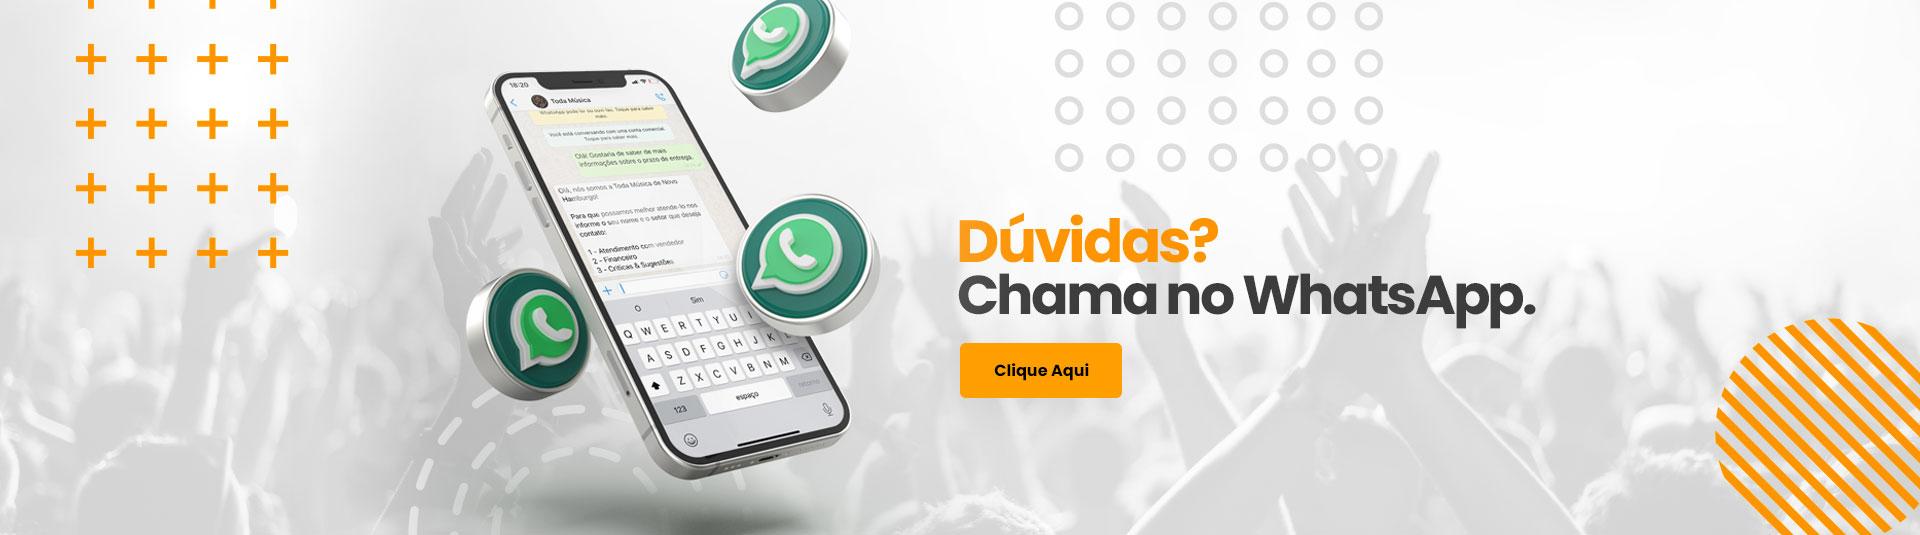 FullBanner - WhatsApp